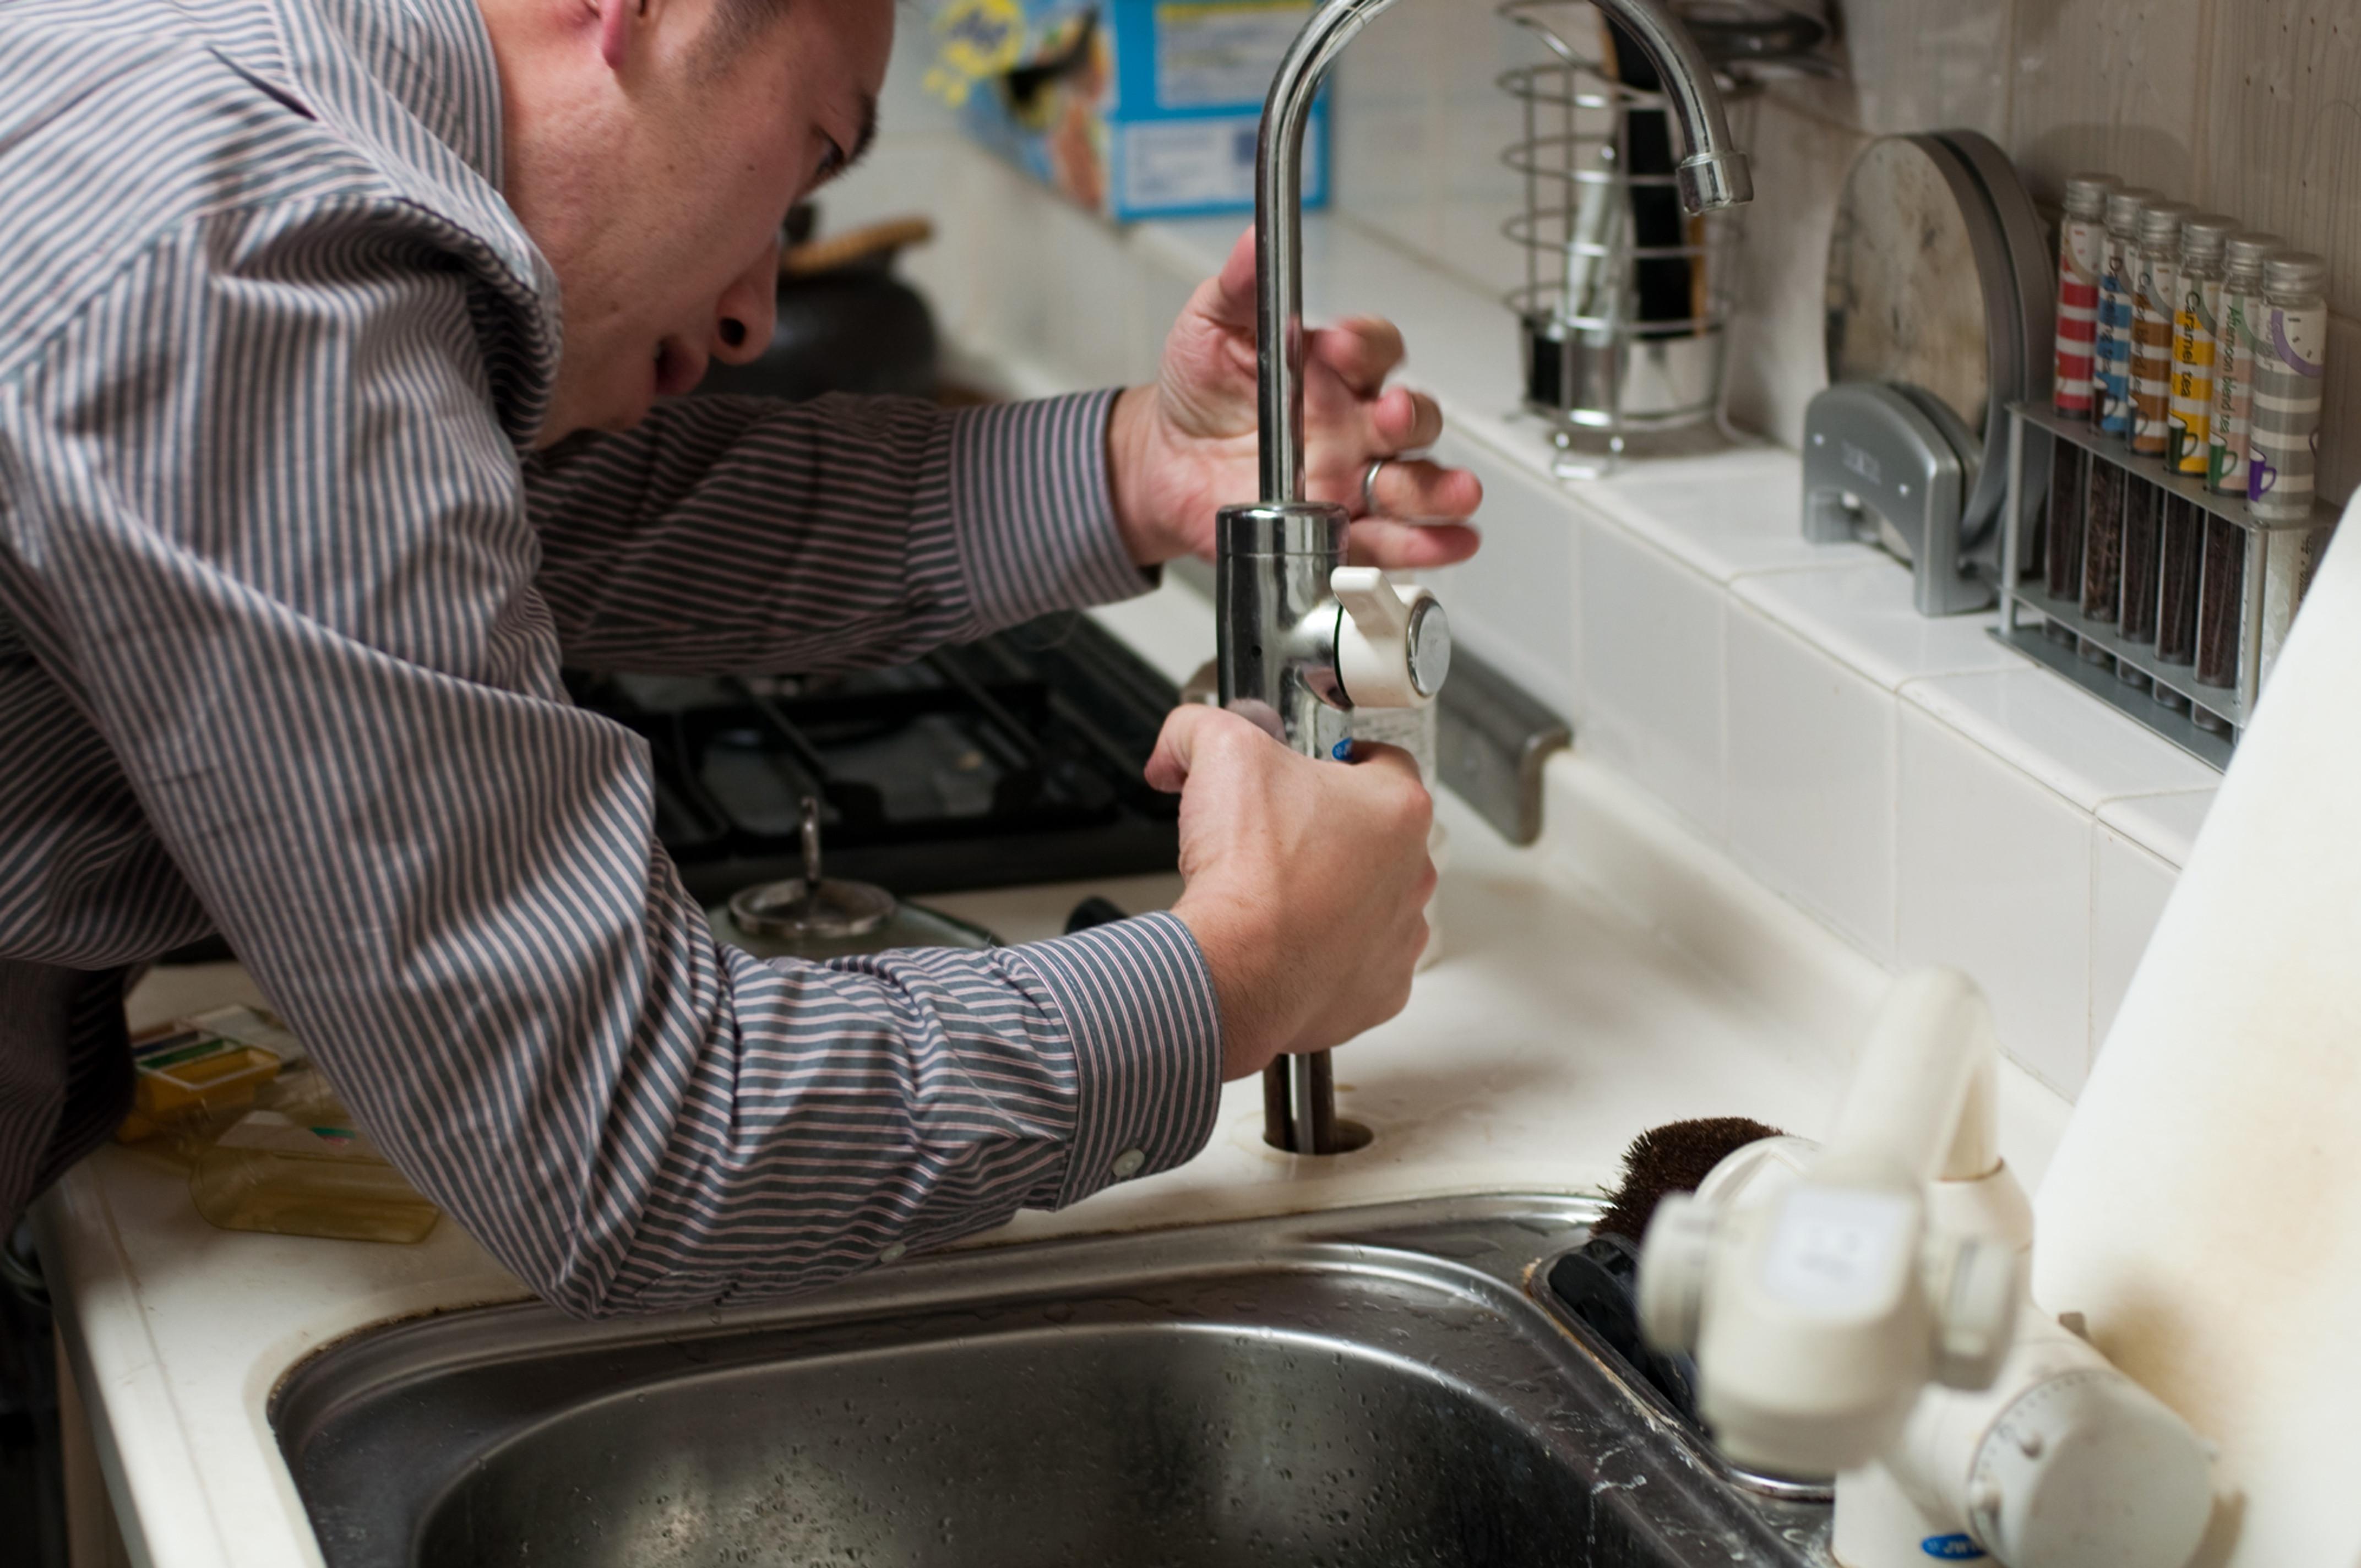 Residential Leak Detection & Prevention